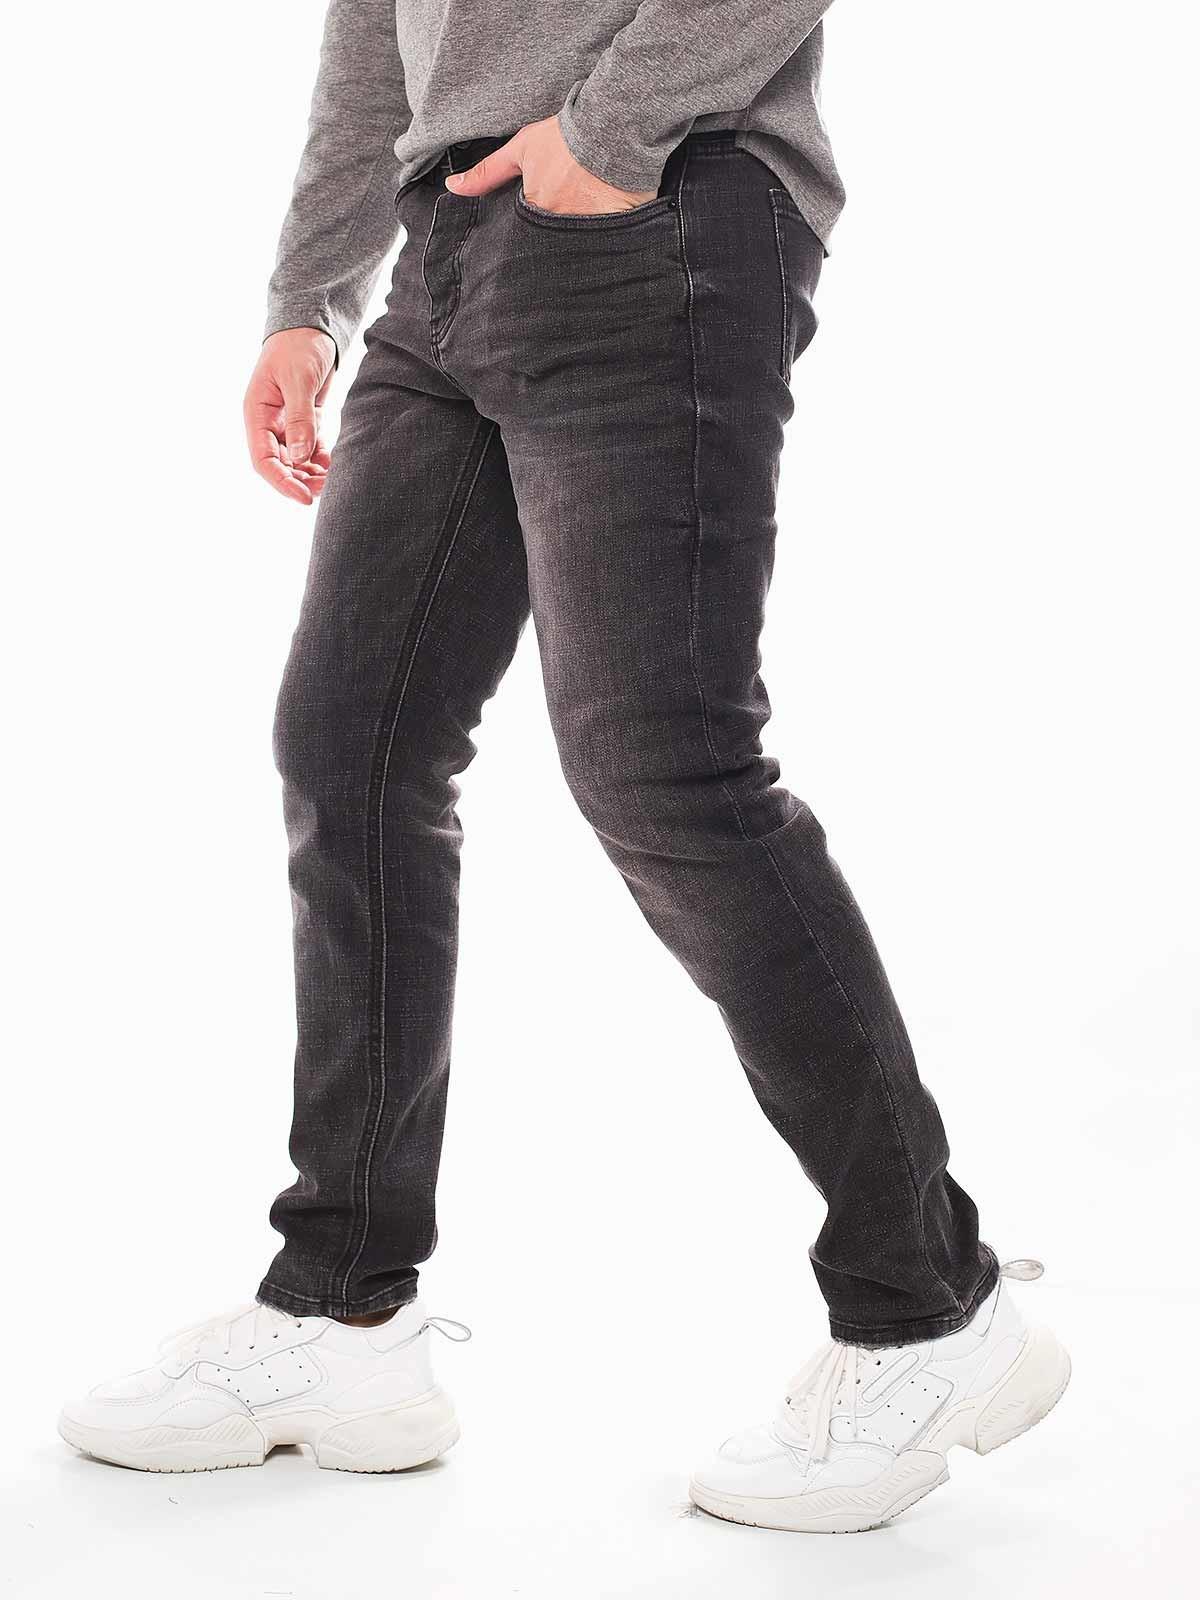 Calças pretas manchadas